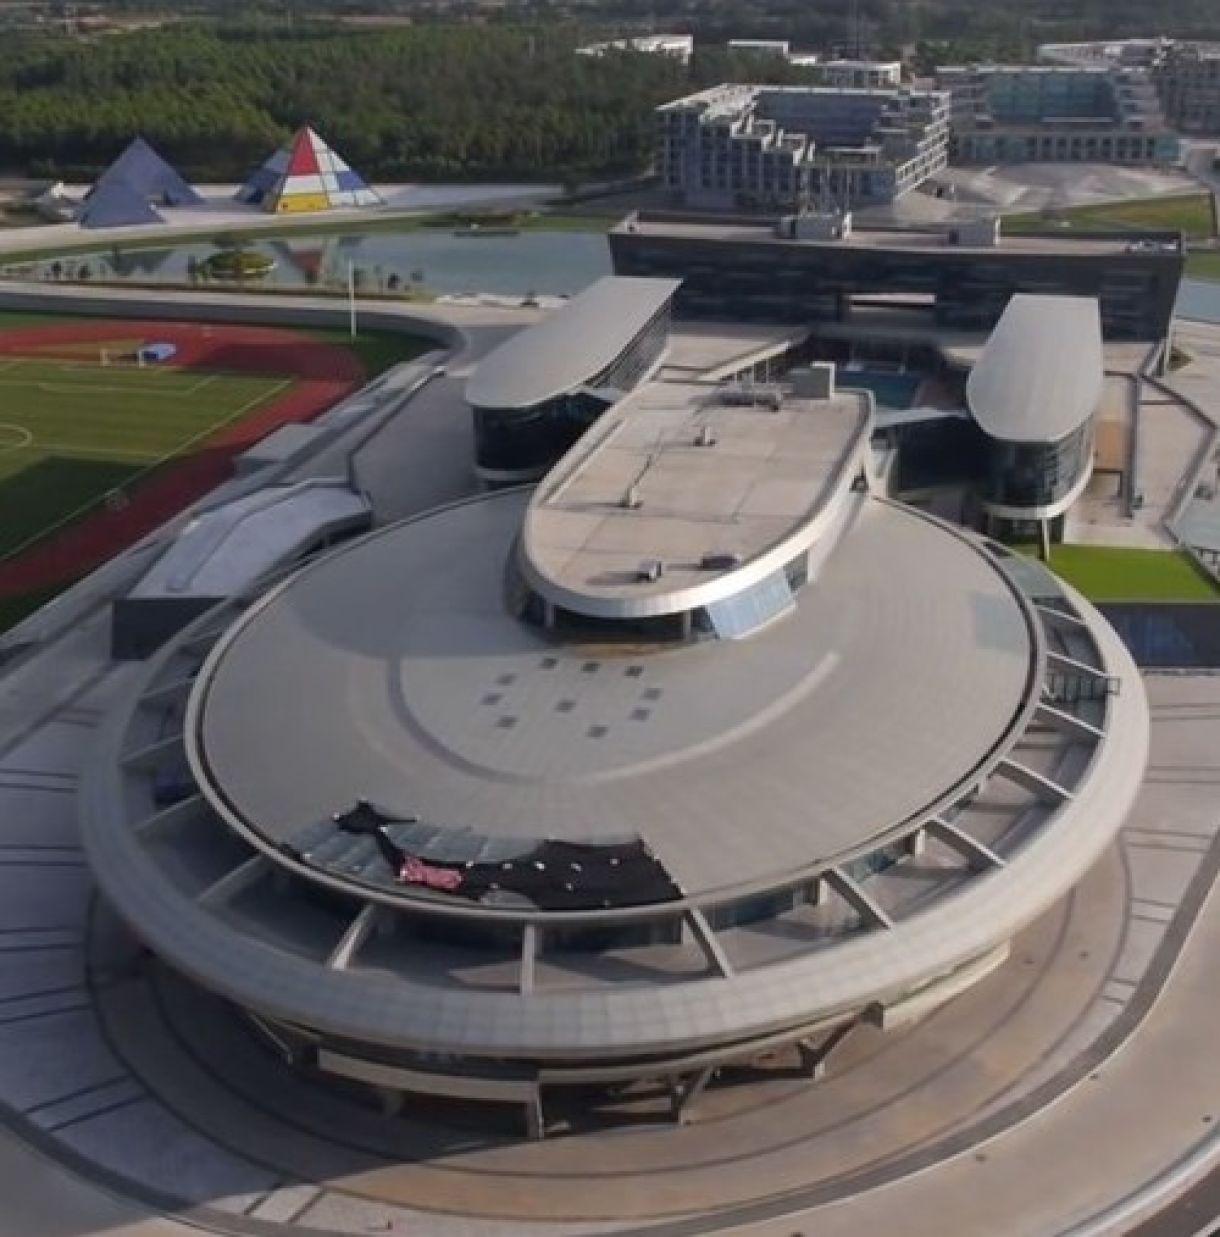 $97 Million Spent to Make Building Look Like Star Trek Enterprise